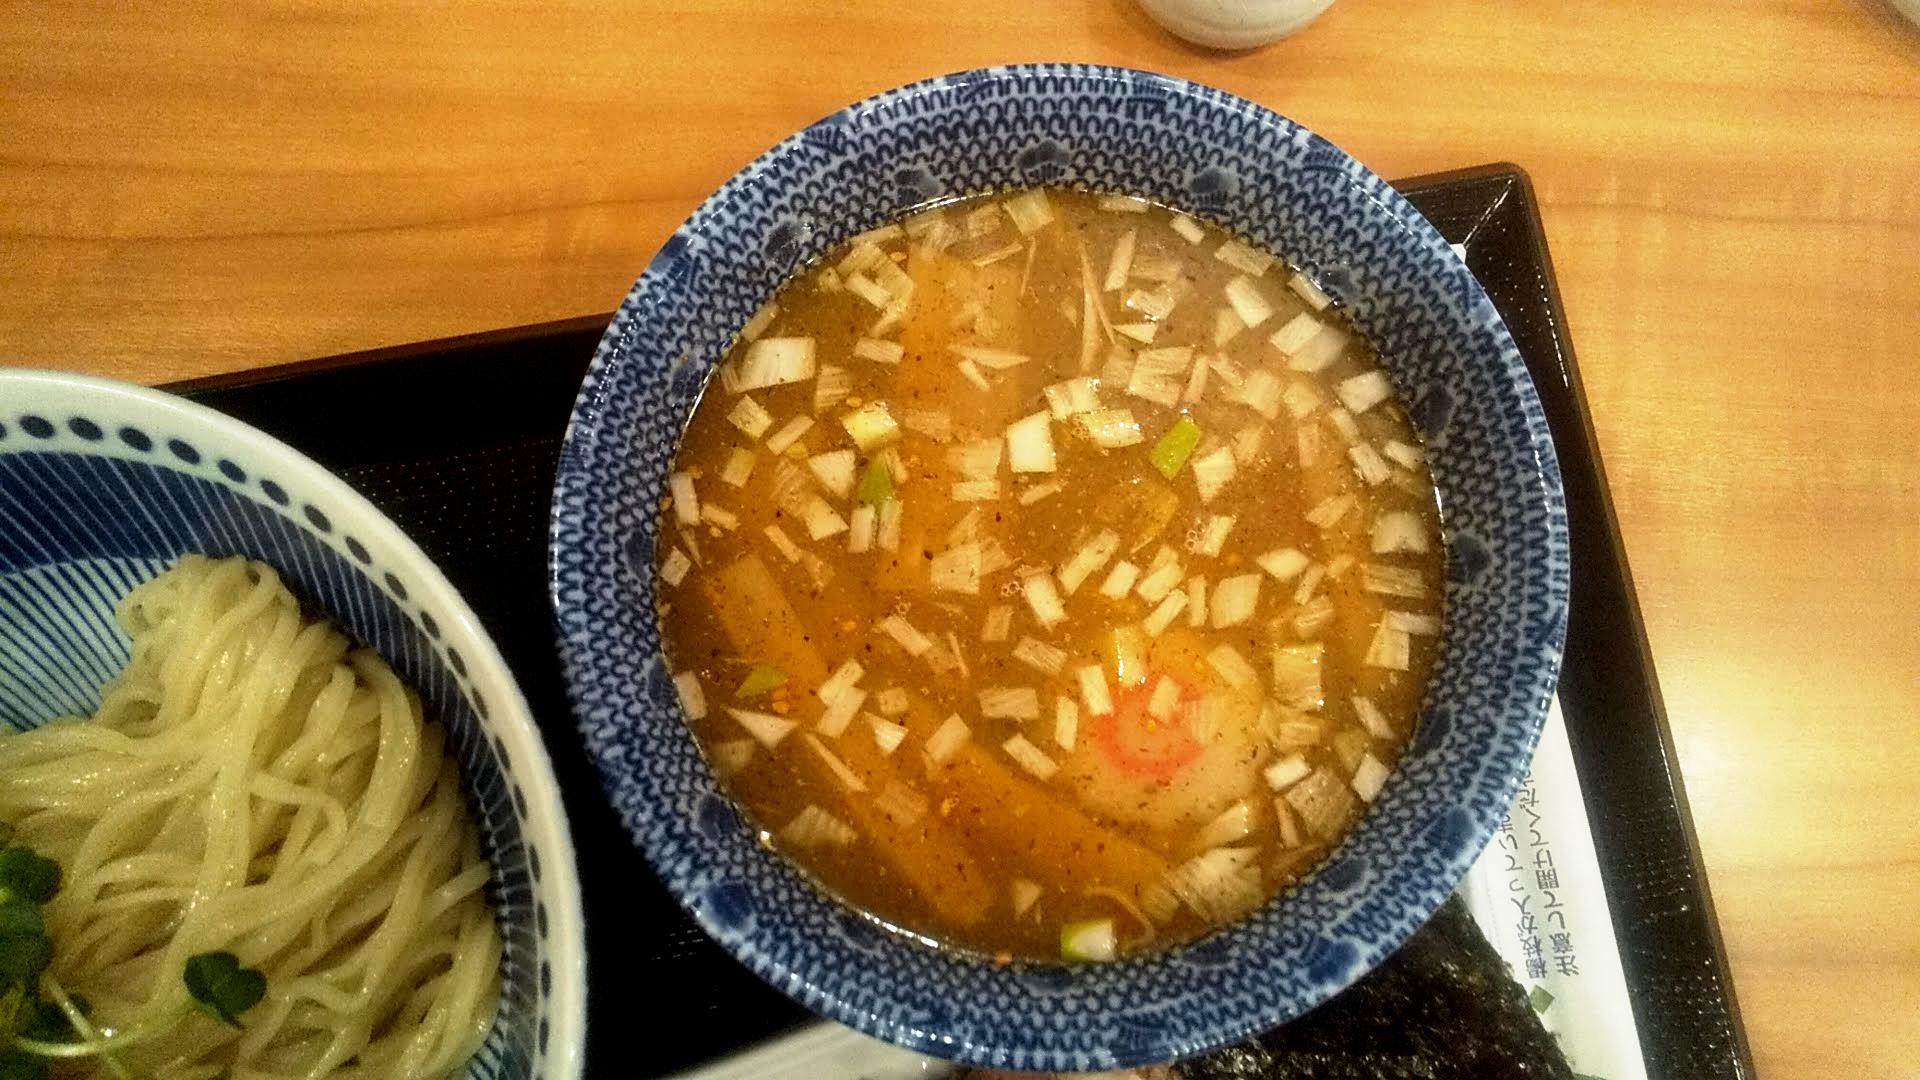 らーめん海壱の特製つけ麺のつけ汁の写真